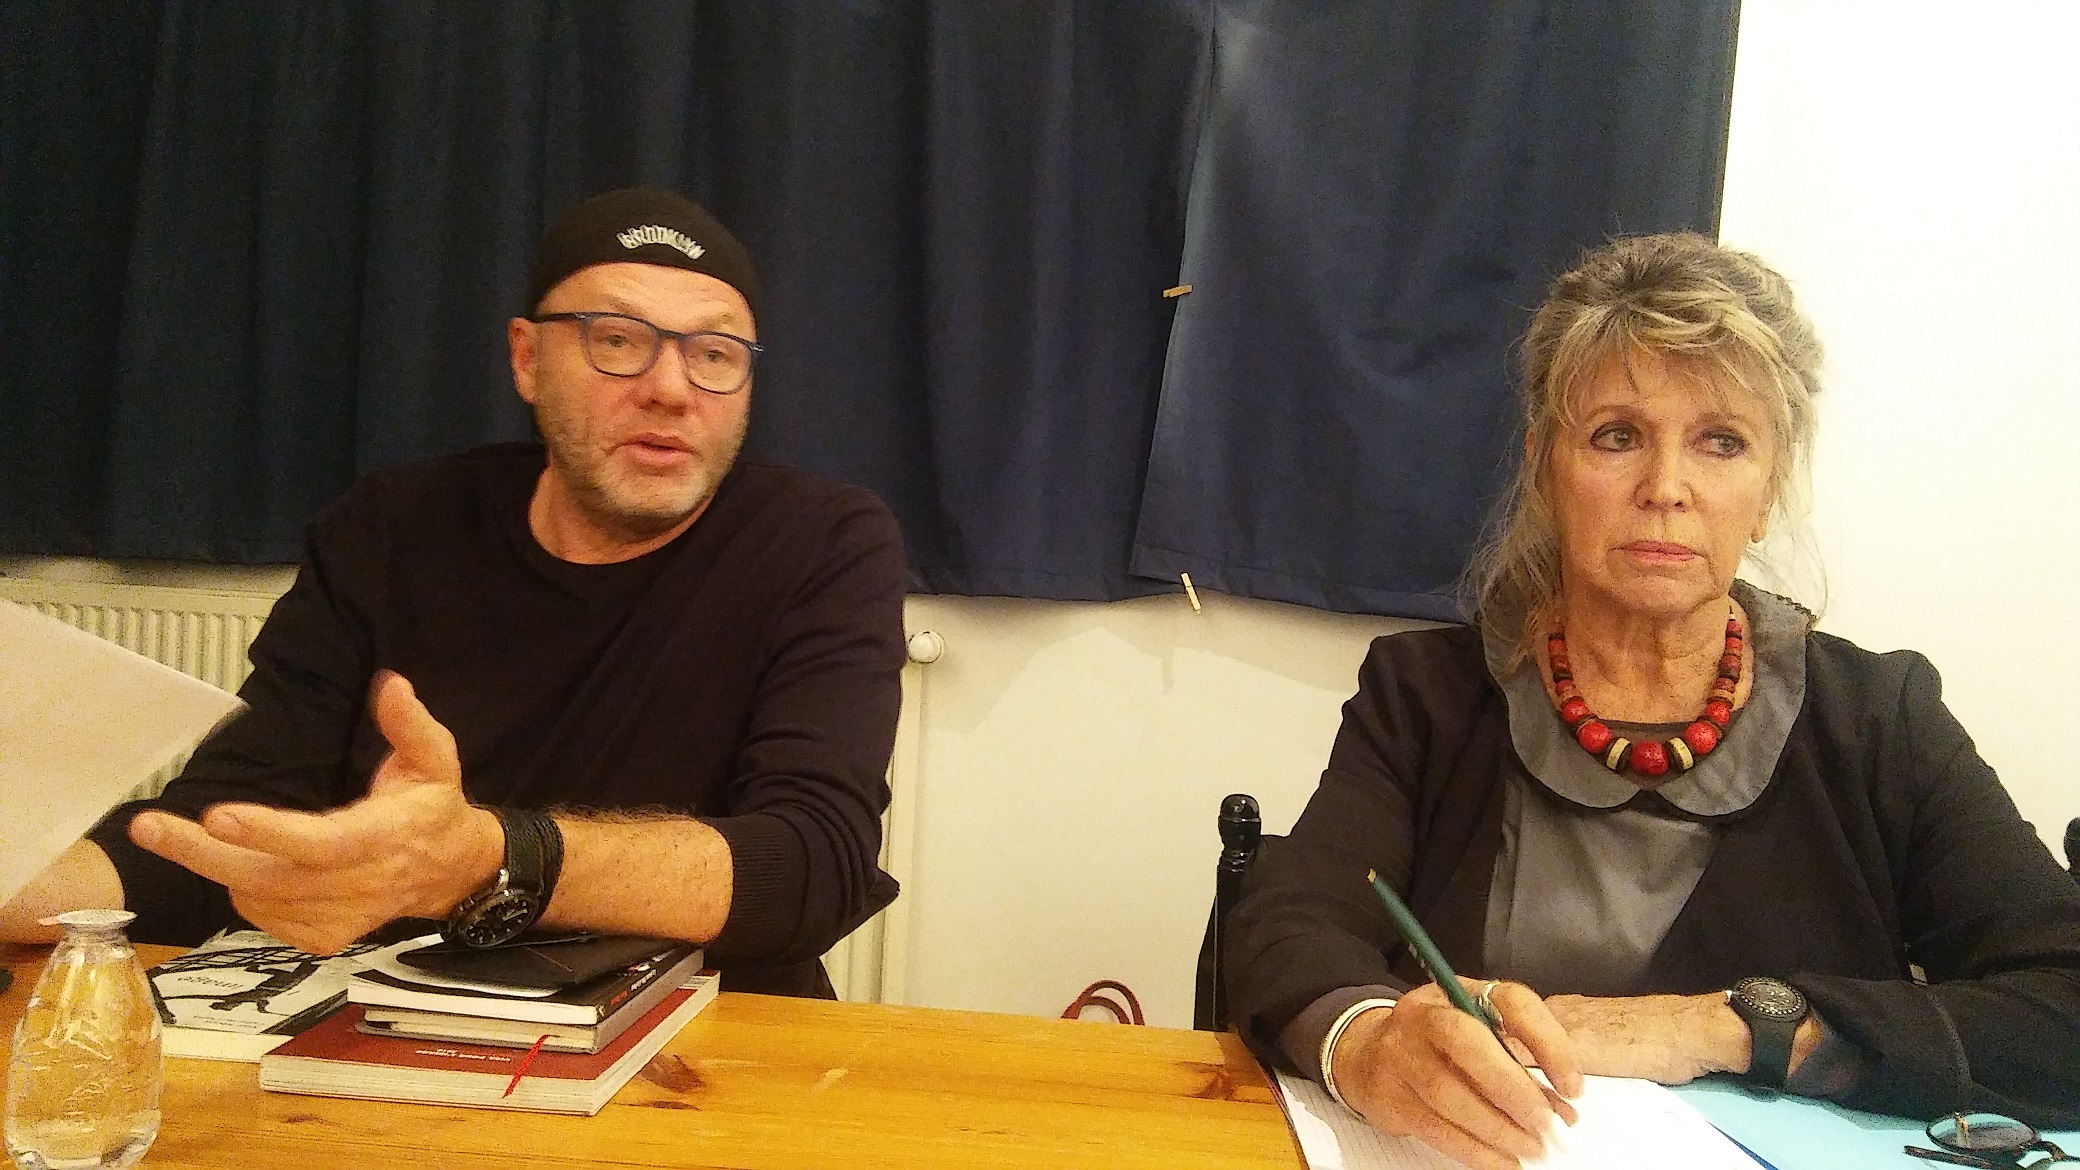 Pierrevert prépare la 10ème édition des Nuits Photographiques